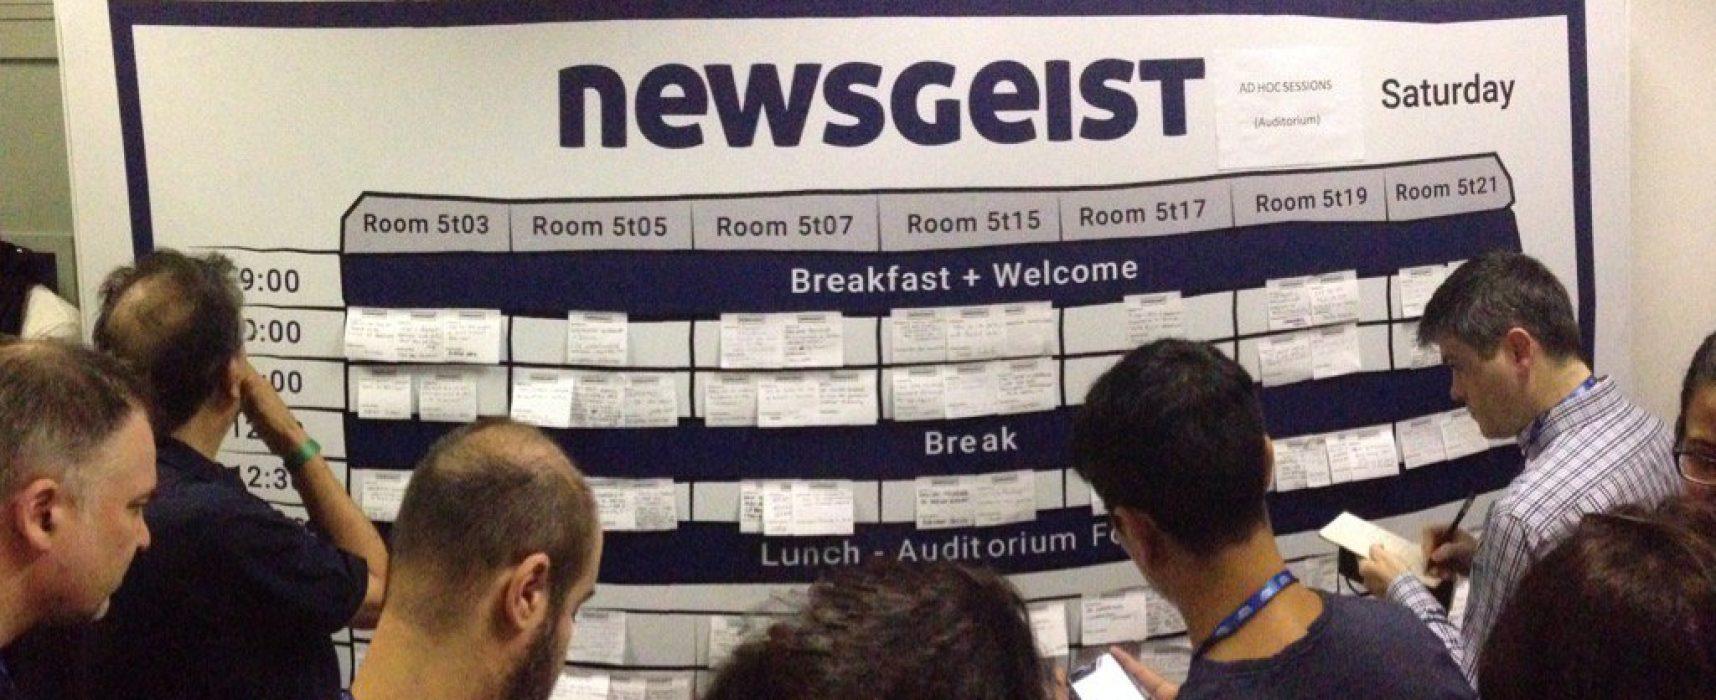 Newsgeist trajo el debate sobre las noticias falsas a América Latina